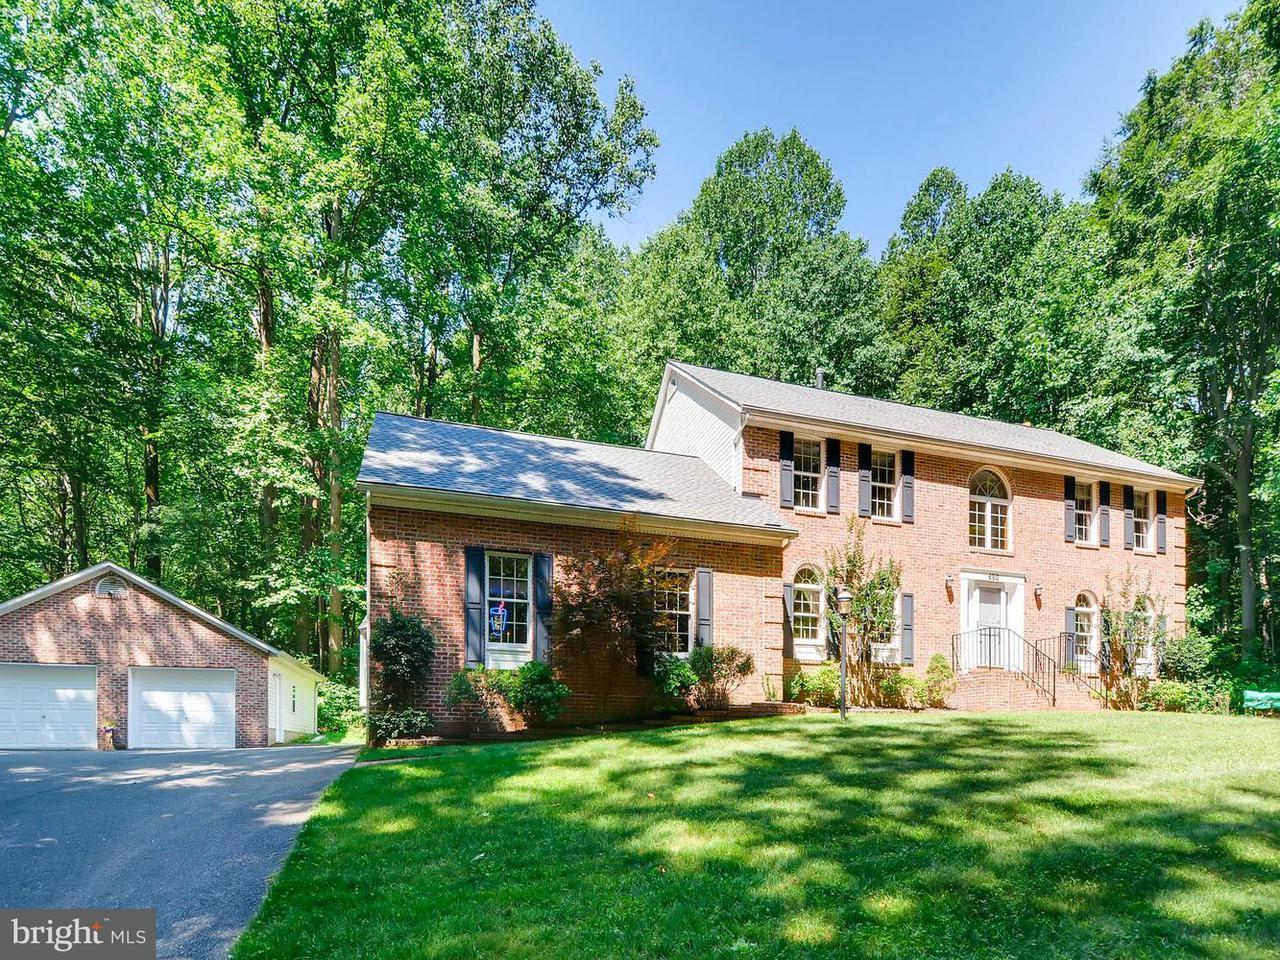 Частный односемейный дом для того Продажа на 680 OLD JOPPA Road 680 OLD JOPPA Road Joppa, Мэриленд 21085 Соединенные Штаты